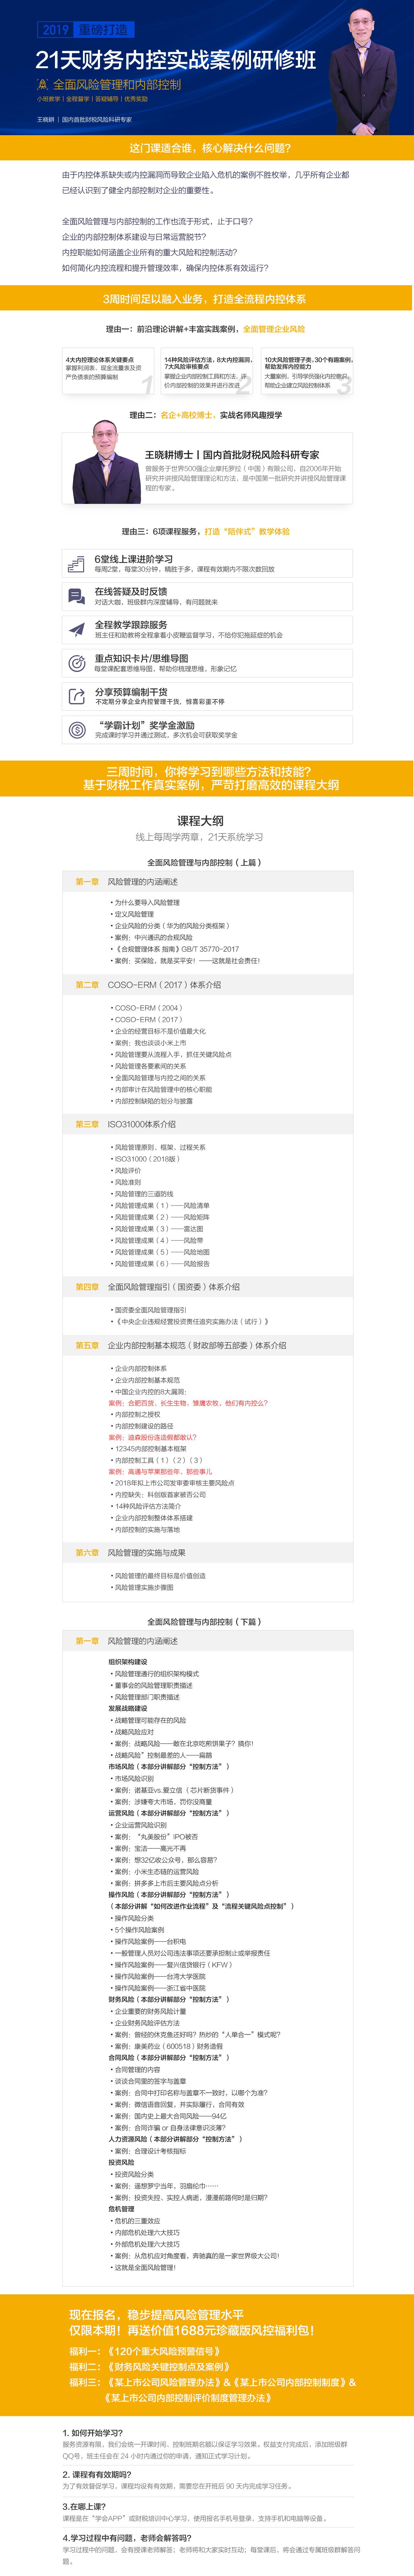 【课程详情页】内控进阶研修班设计.jpg